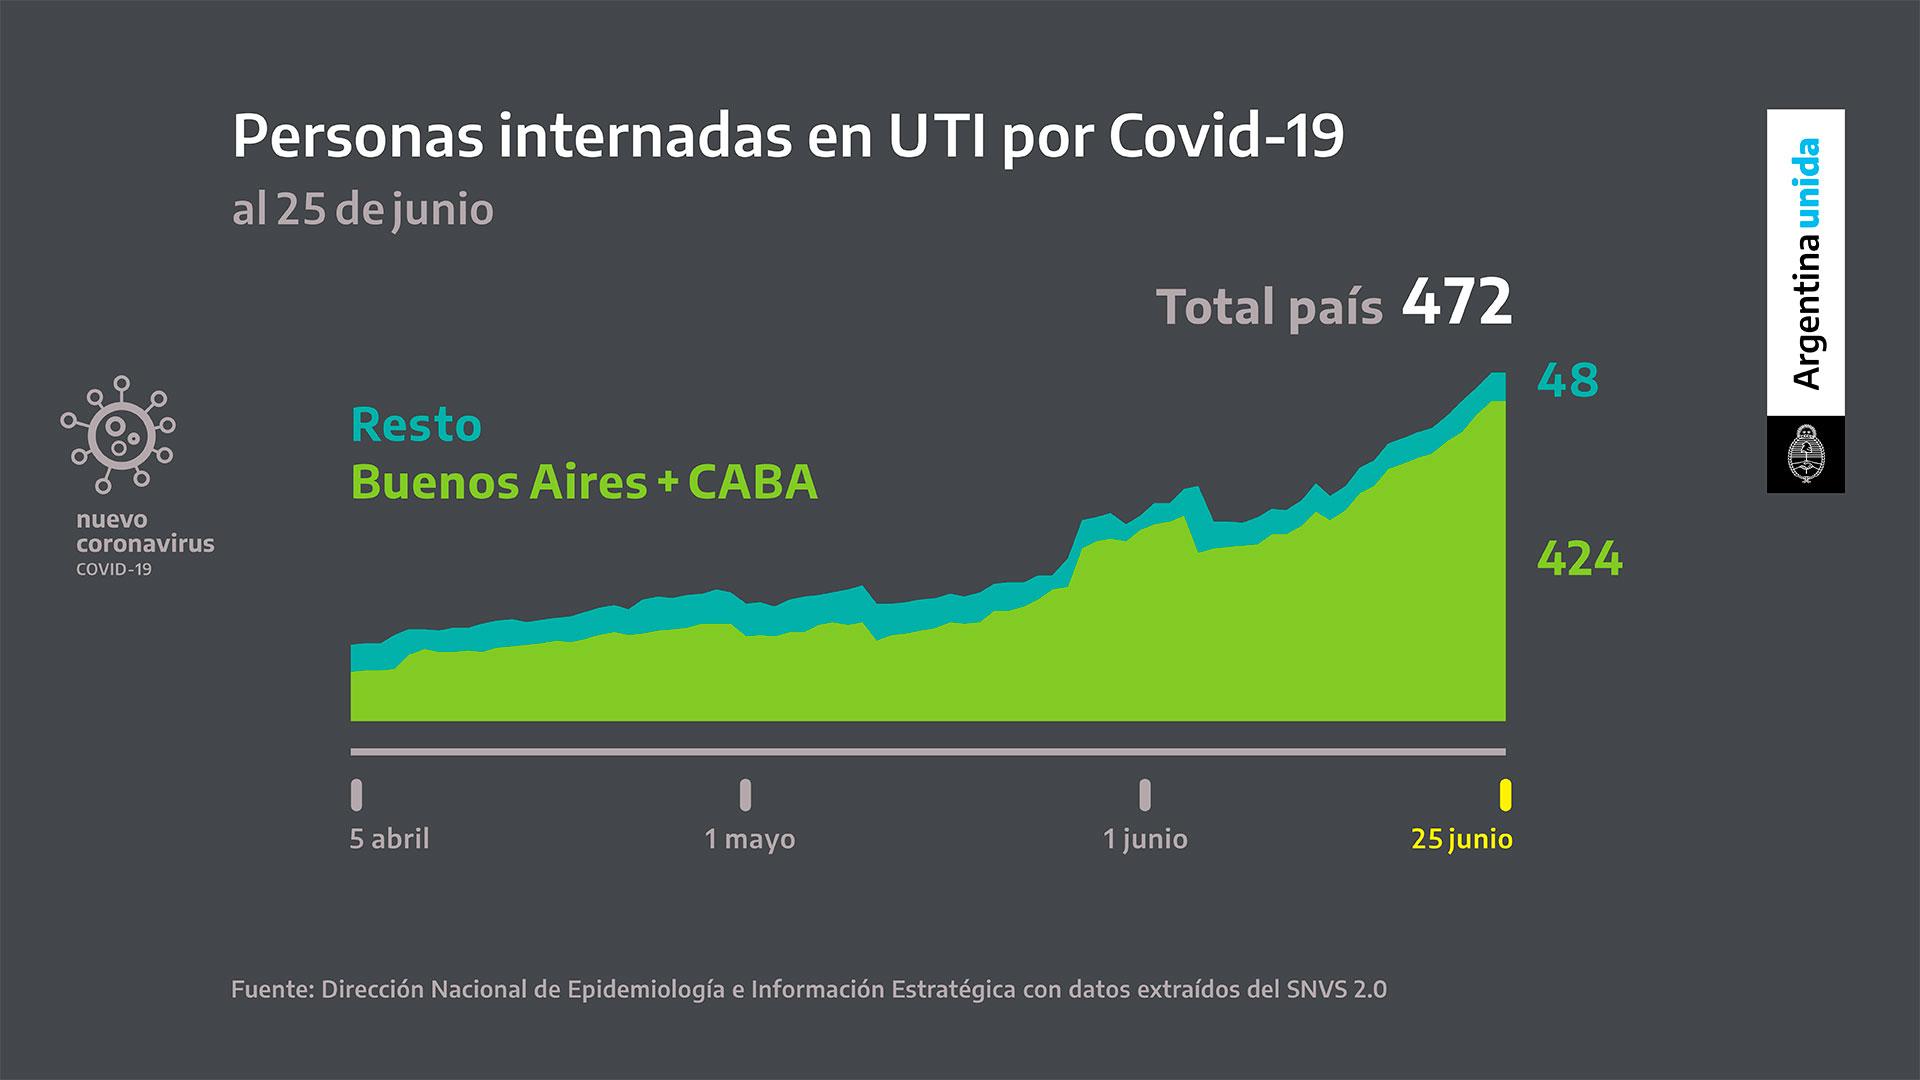 Tanto los casos positivos como la ocupación de camas de terapia intensiva se concentran en el área metropolitana de Buenos Aires. De las 472 personas internadas en terapia intensiva, 424 residen en la ciudad y el conurbano